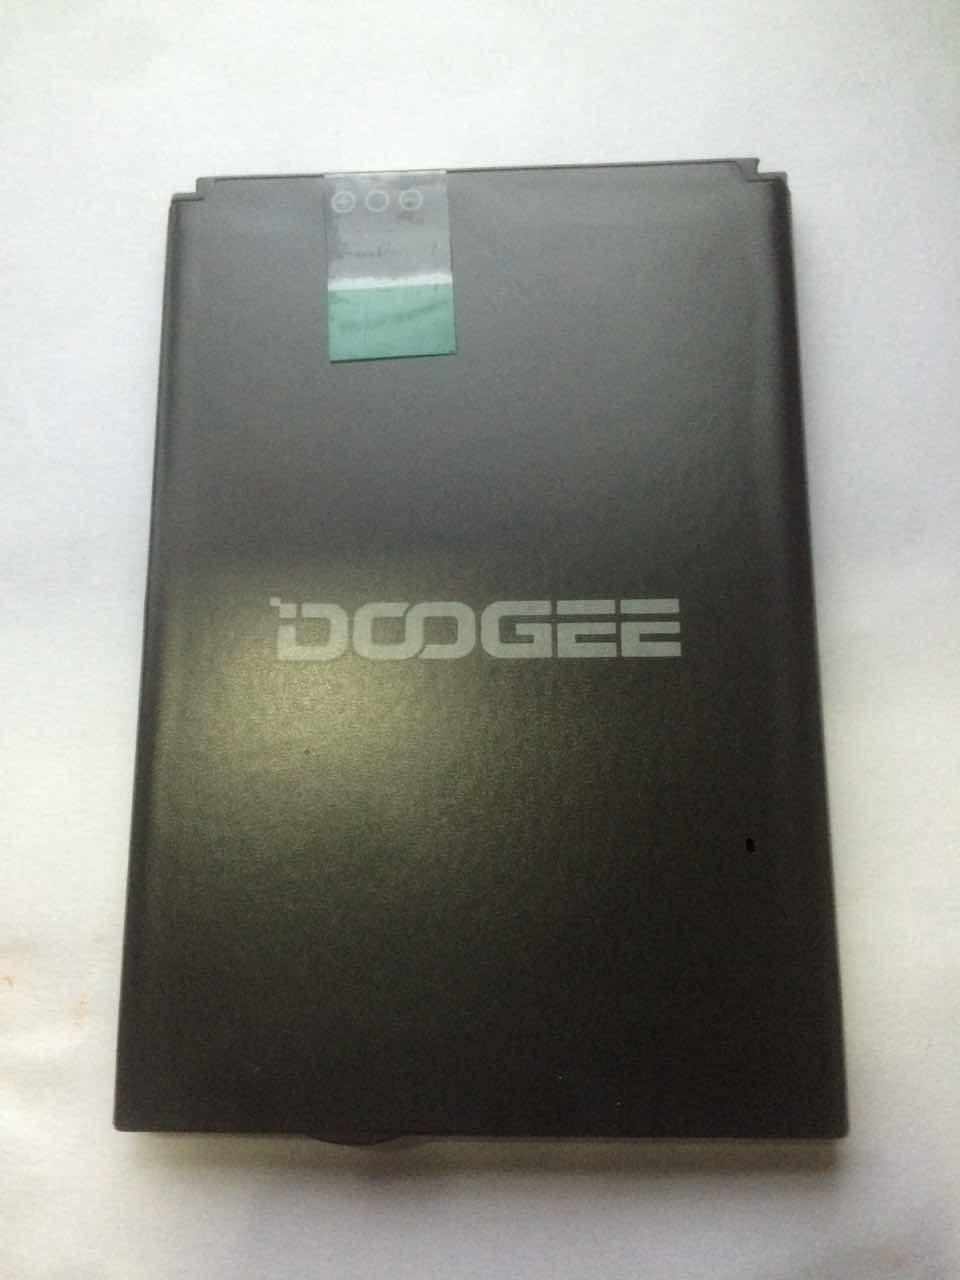 Batterie de rechange DOOGEE T5 BAT16464500 4500 mAh batterie de secours Li-ion de grande capacité pour téléphone intelligent DOOGEE T5 Lite-en Stock